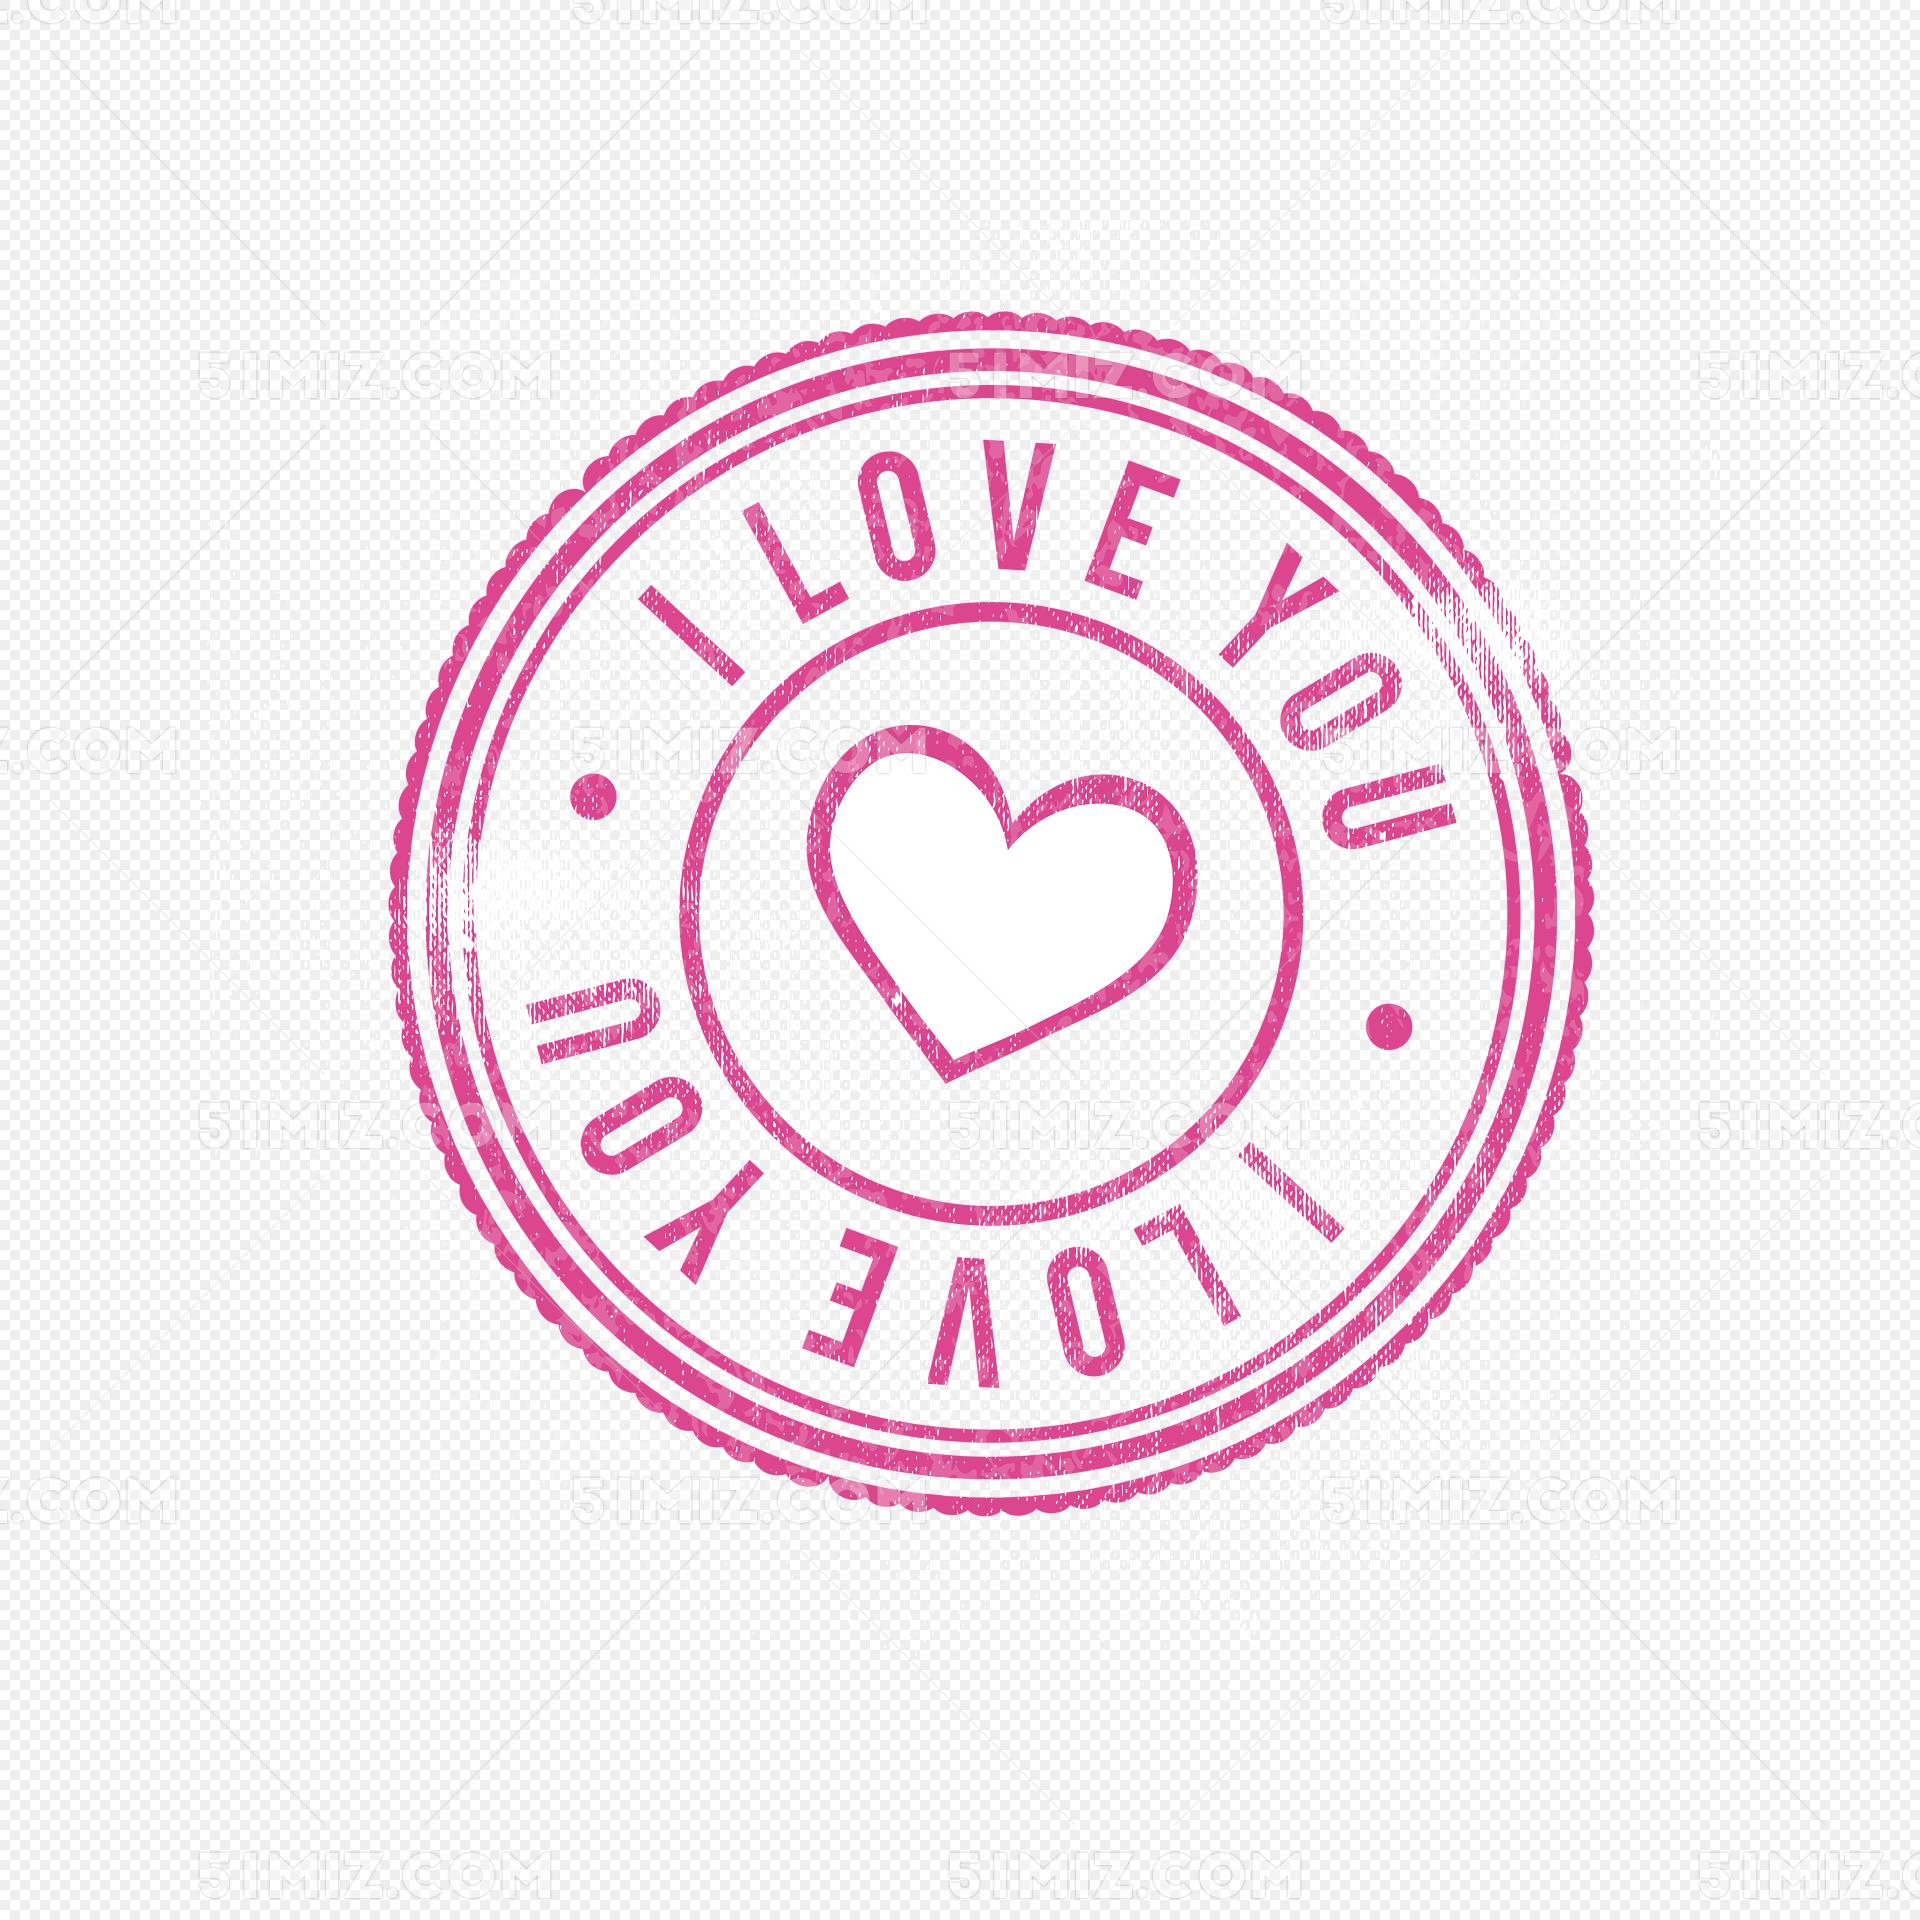 粉色爱心印戳矢量素材